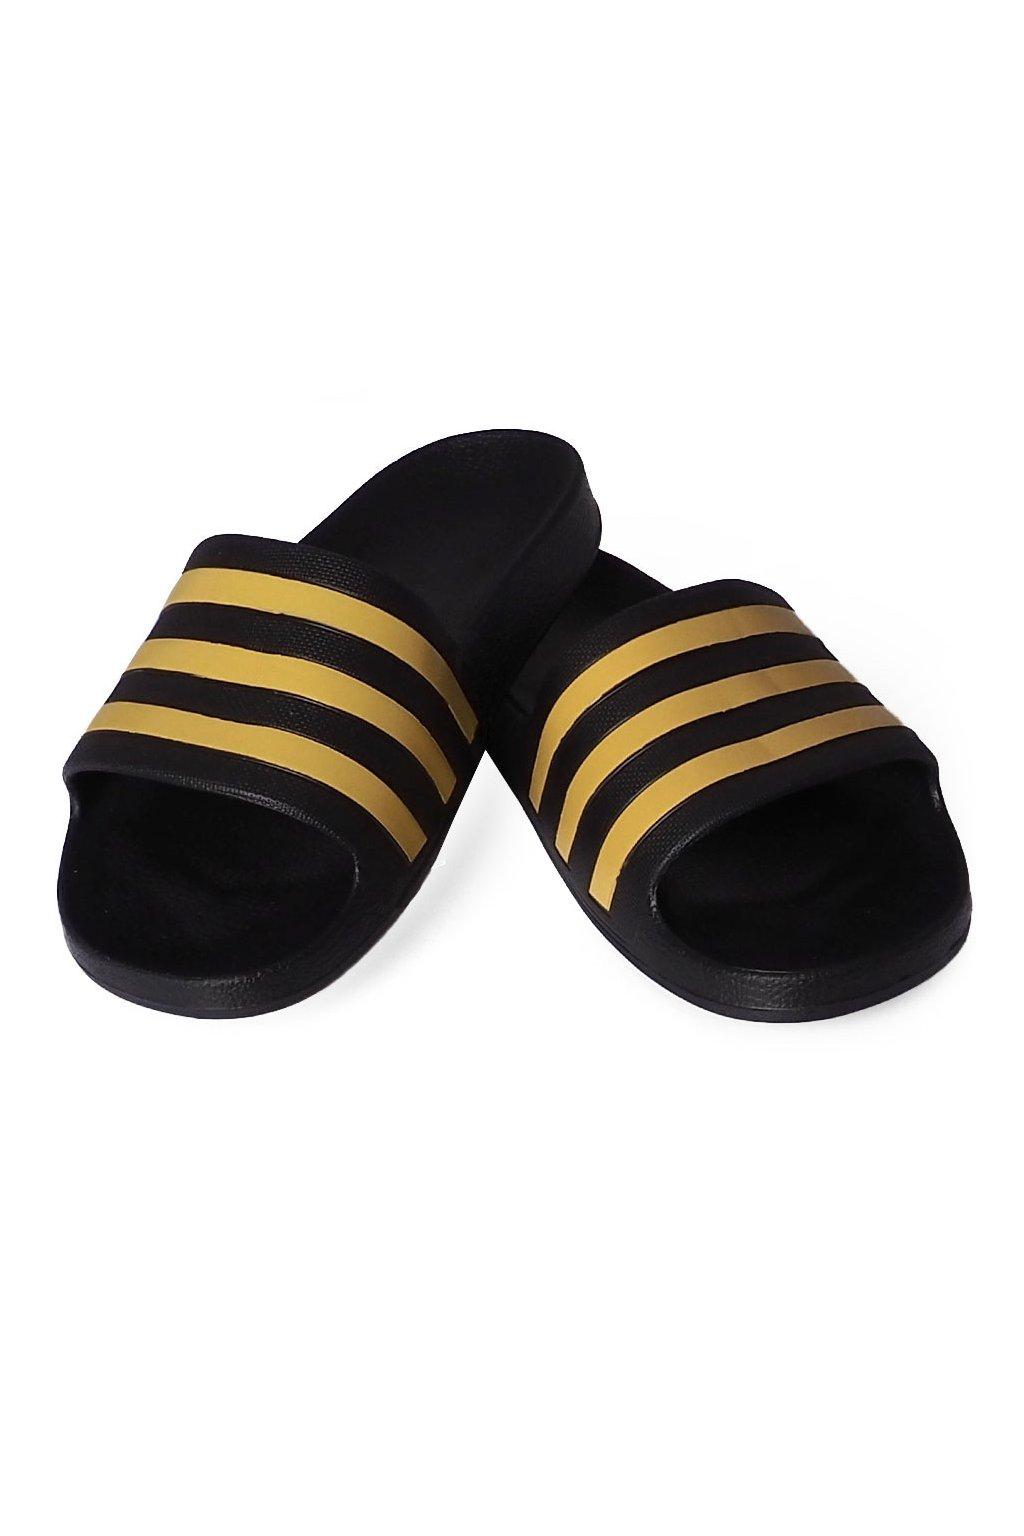 Šľapky adidas Adilette Aqua čierne EG1758